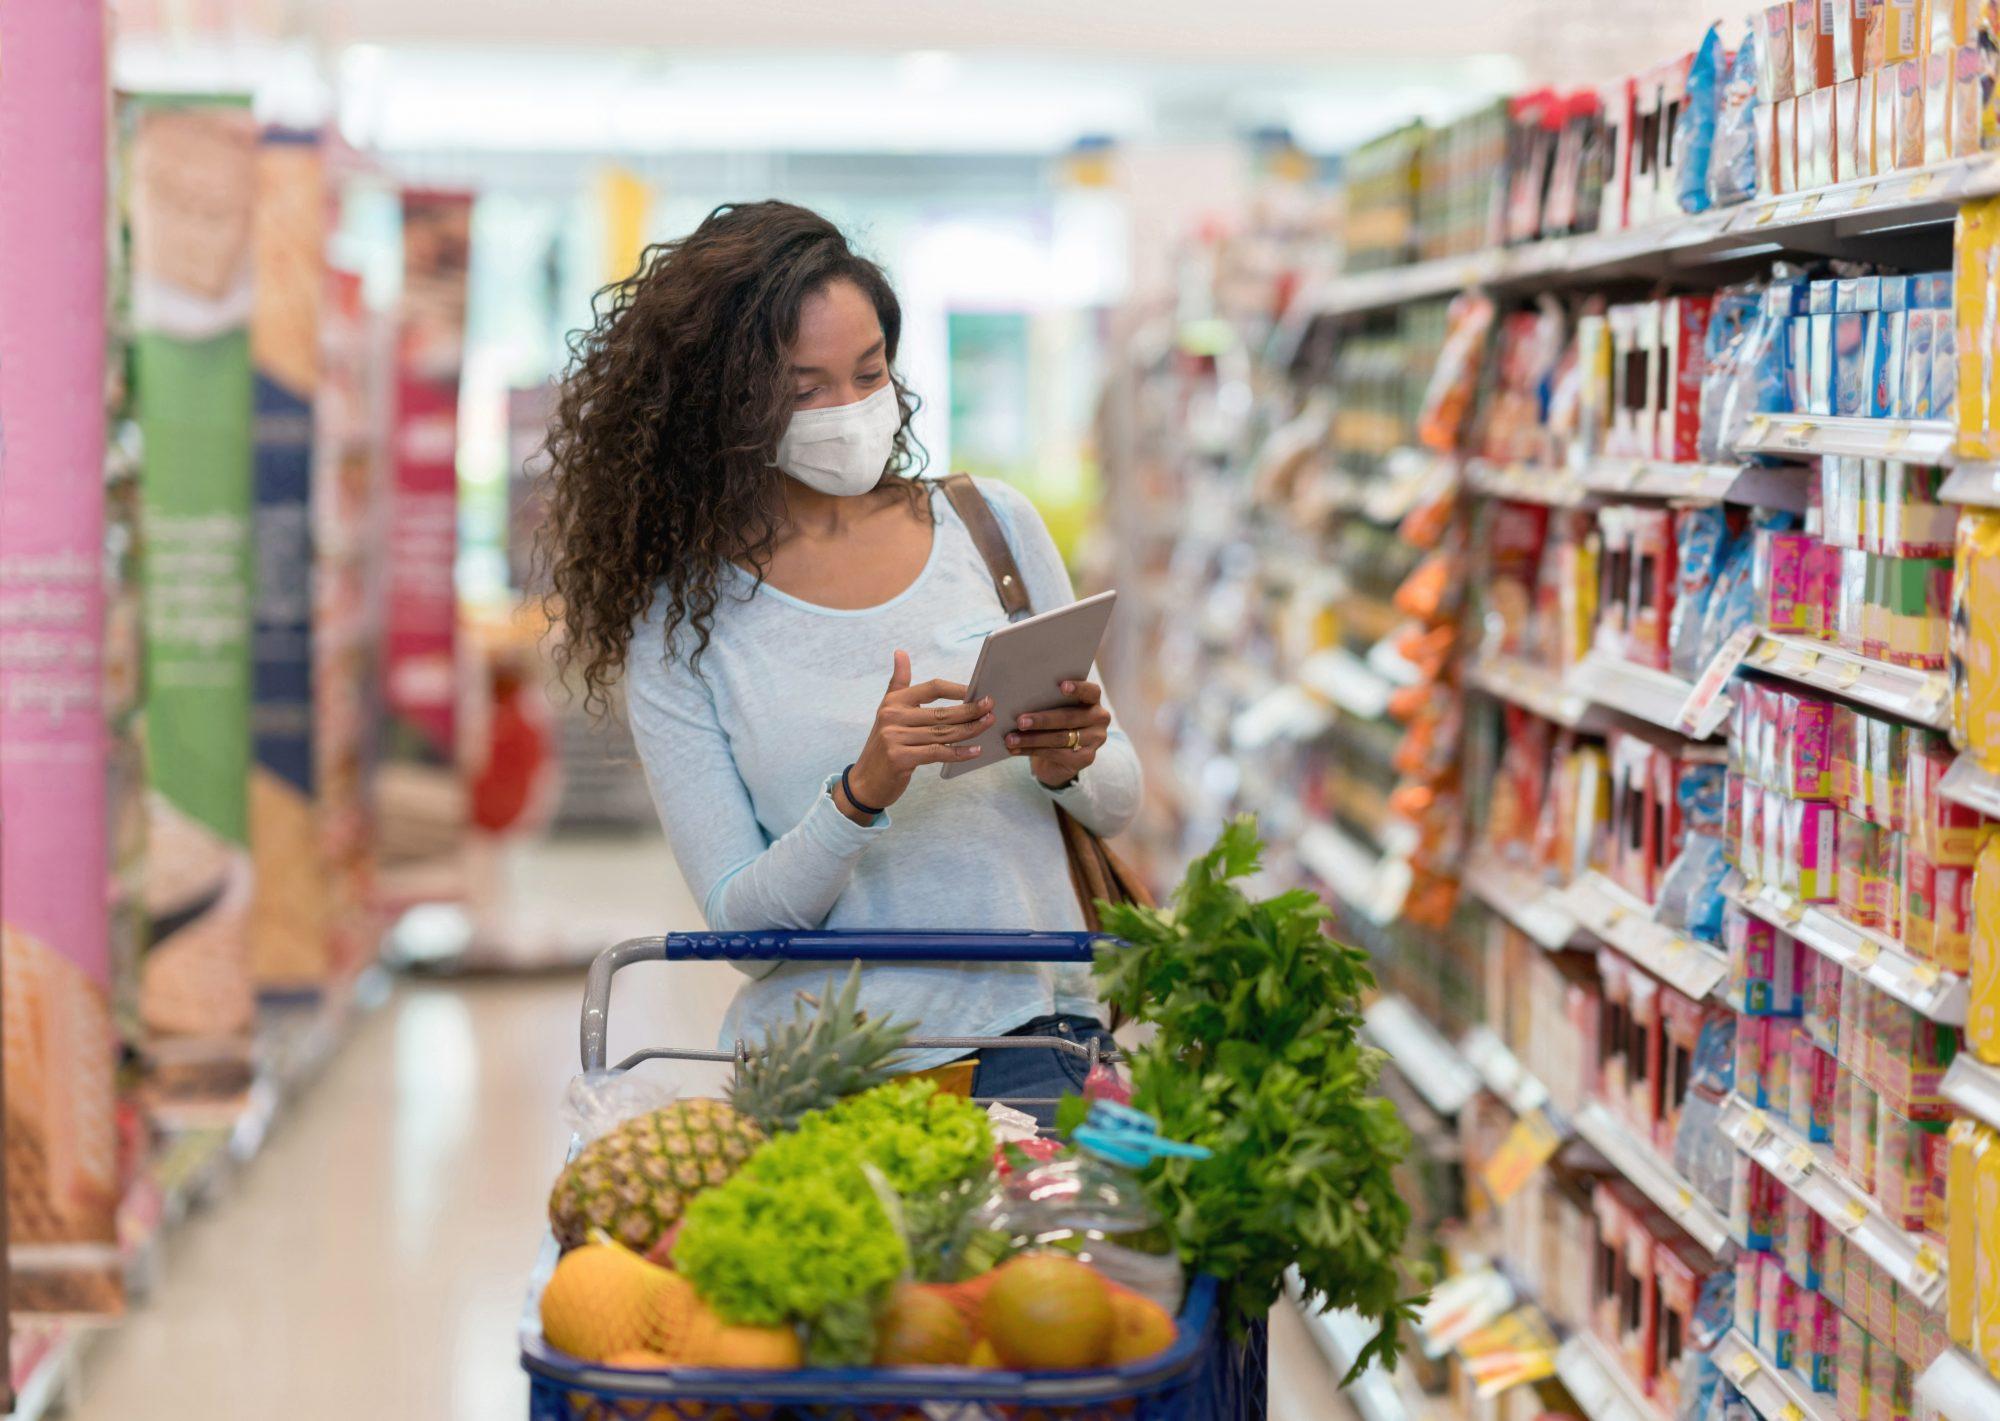 Người tiêu dùng ngày càng ý thức trong việc lựa chọn mặt hàng tốt có thể truy xuất nguồn gốc và quảng bá thông tin bền vững | Ảnh minh họa: istock